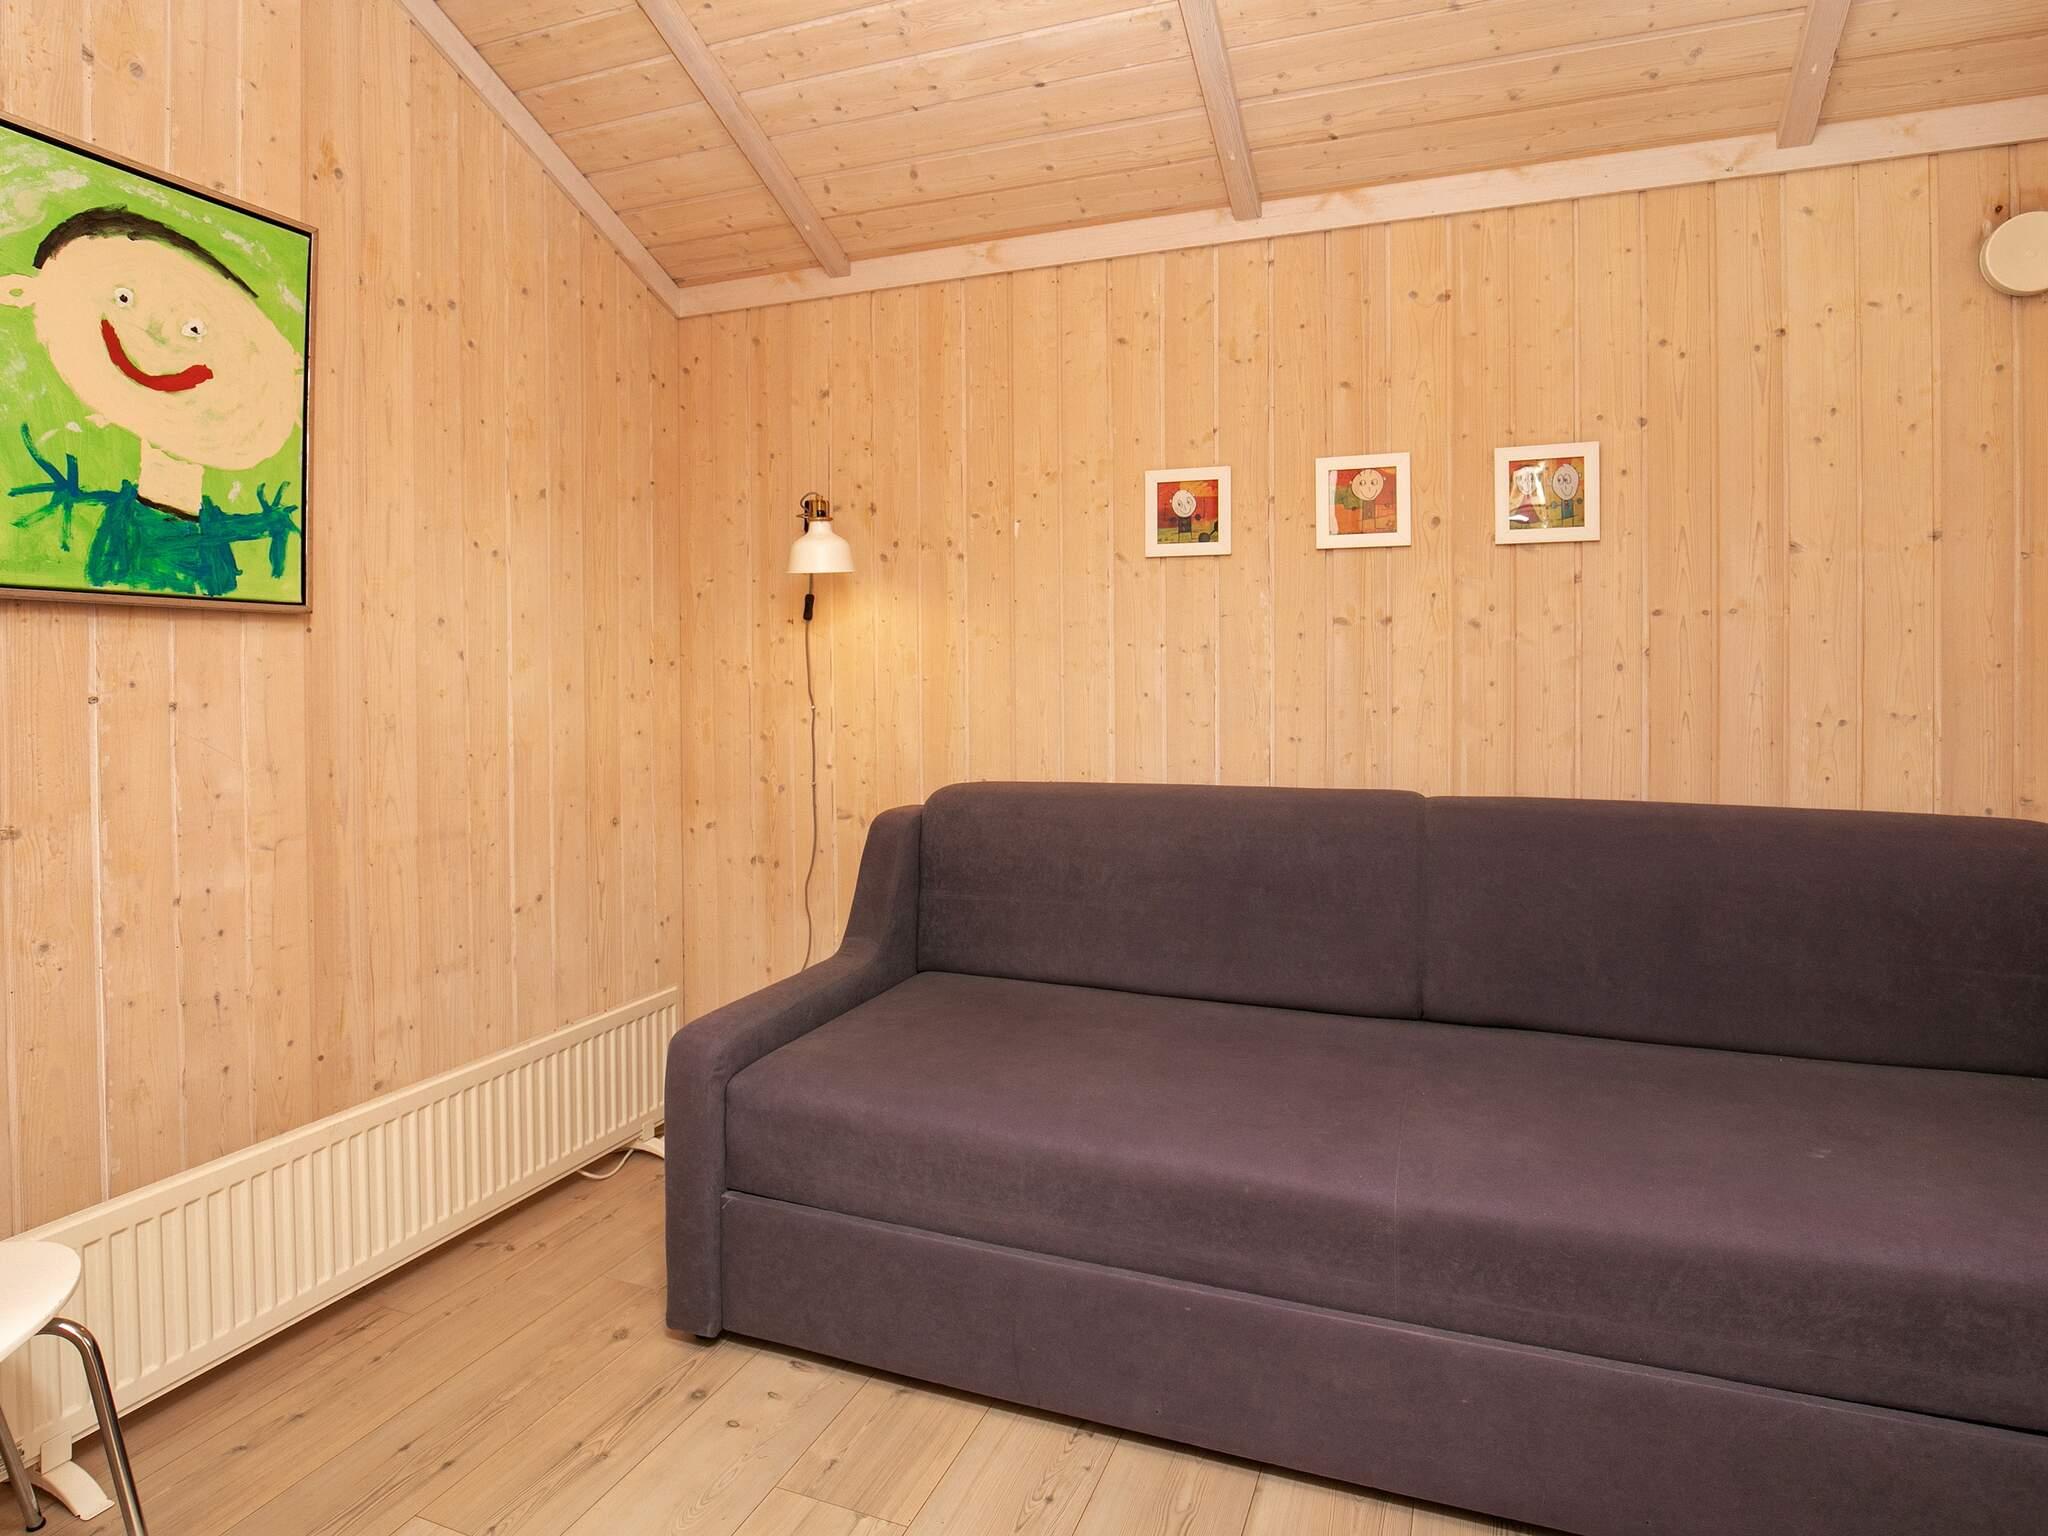 Ferienhaus Handbjerg (331046), Handbjerg, , Westjütland, Dänemark, Bild 13